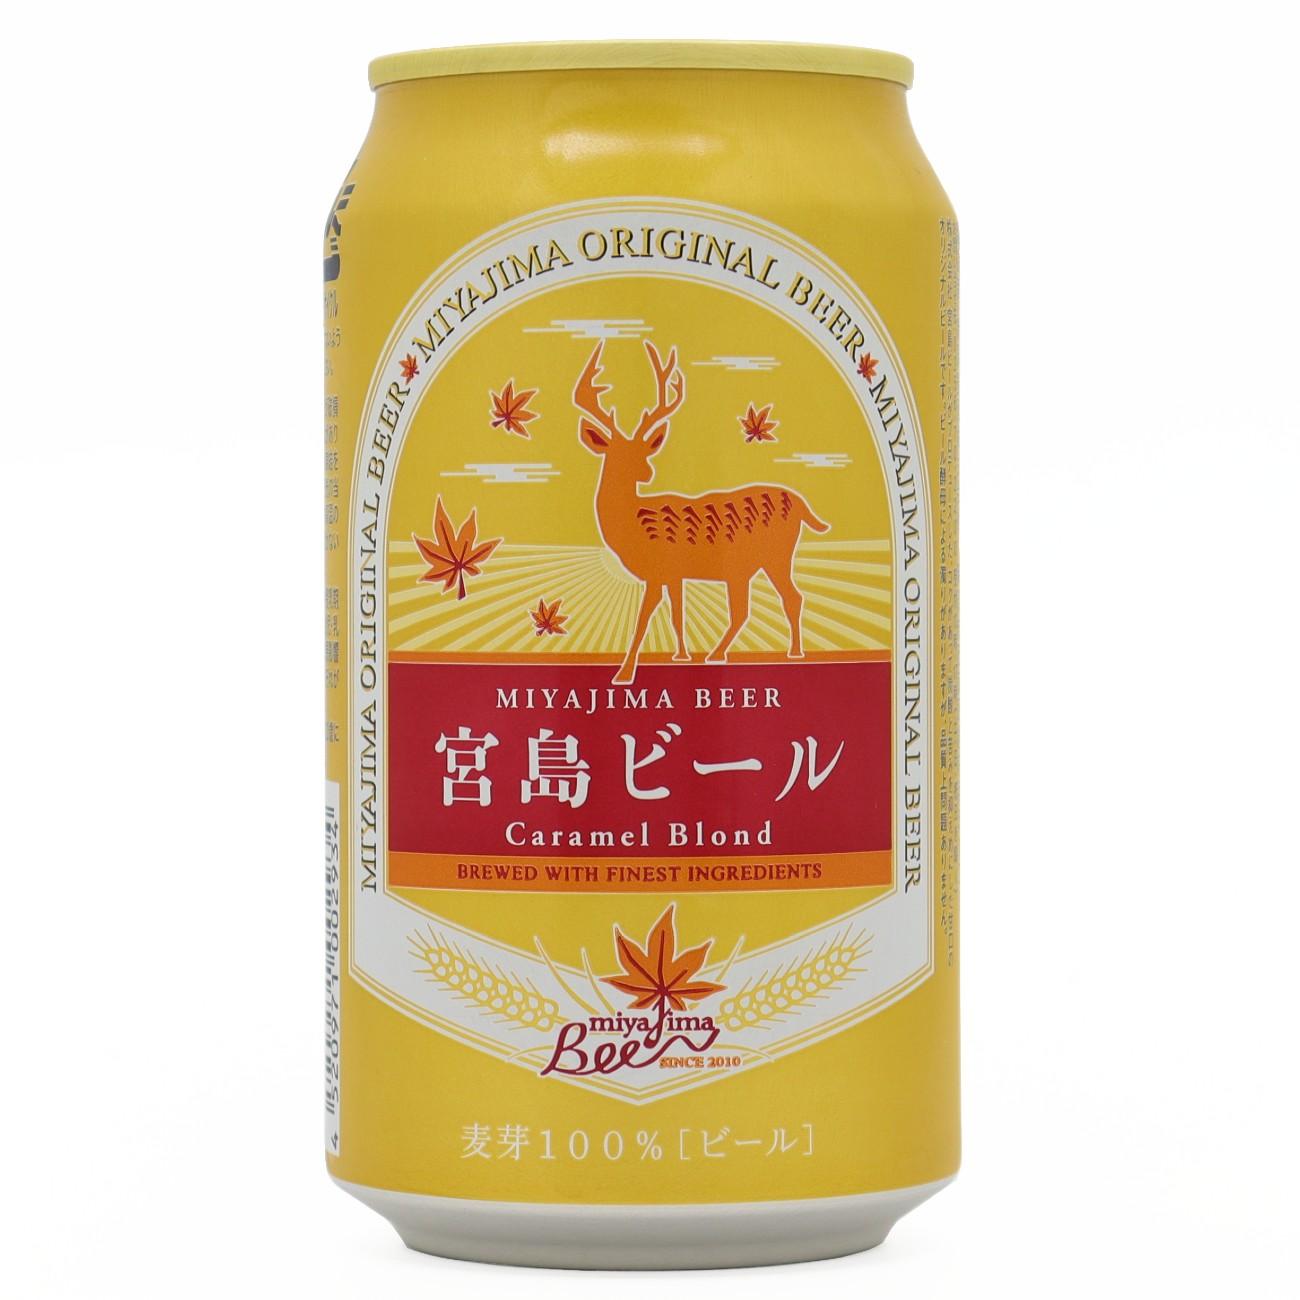 宮島ビール カラメルブロンド